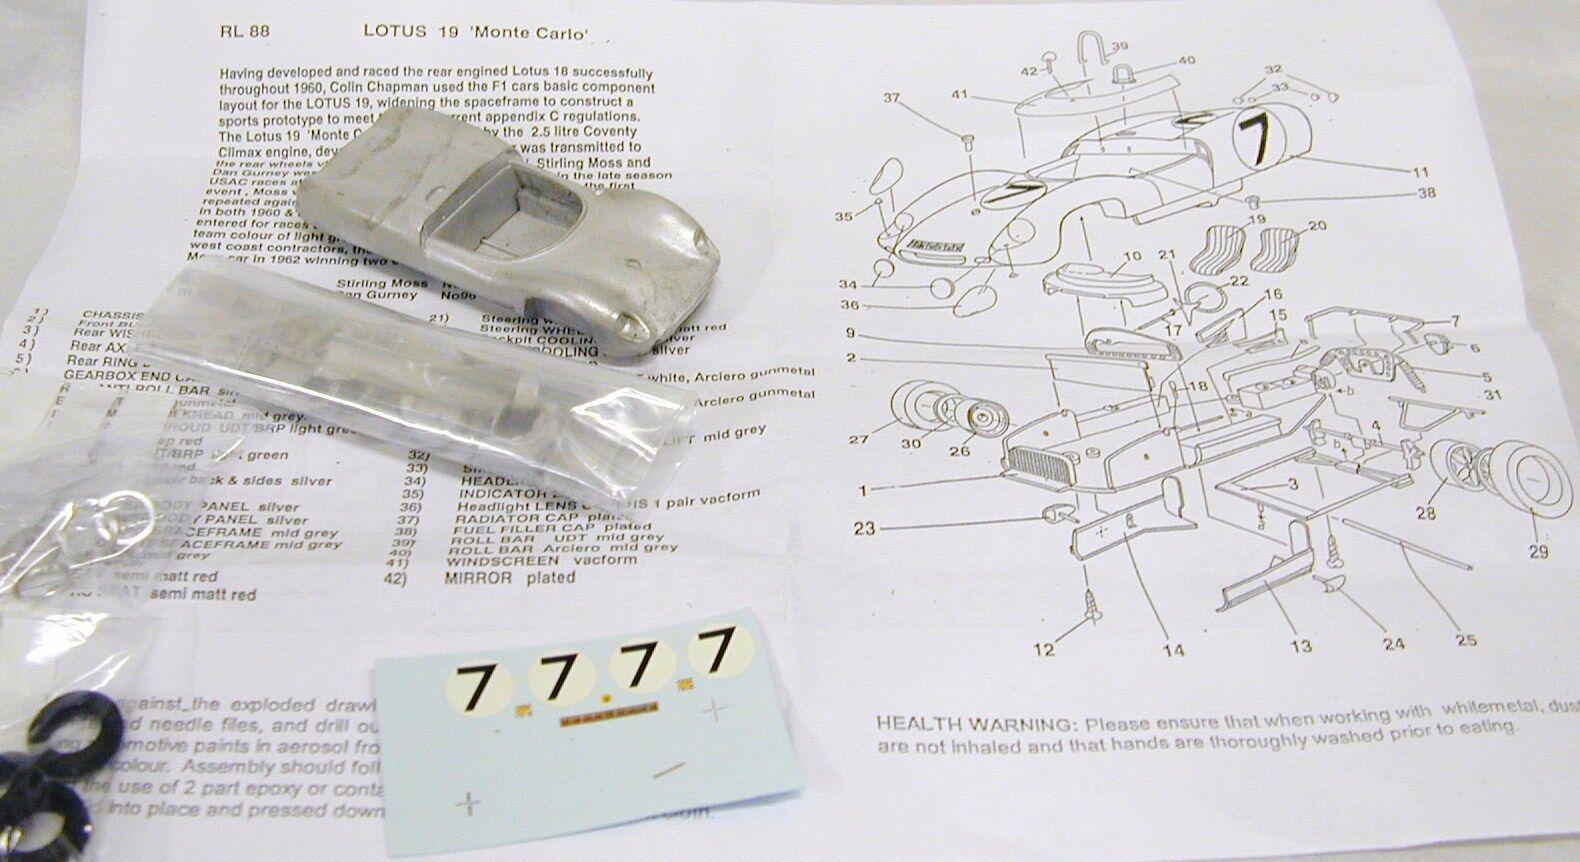 colores increíbles 1 1 1 43 RL88K Lotus 19 KIT BY SMTS  Precio al por mayor y calidad confiable.